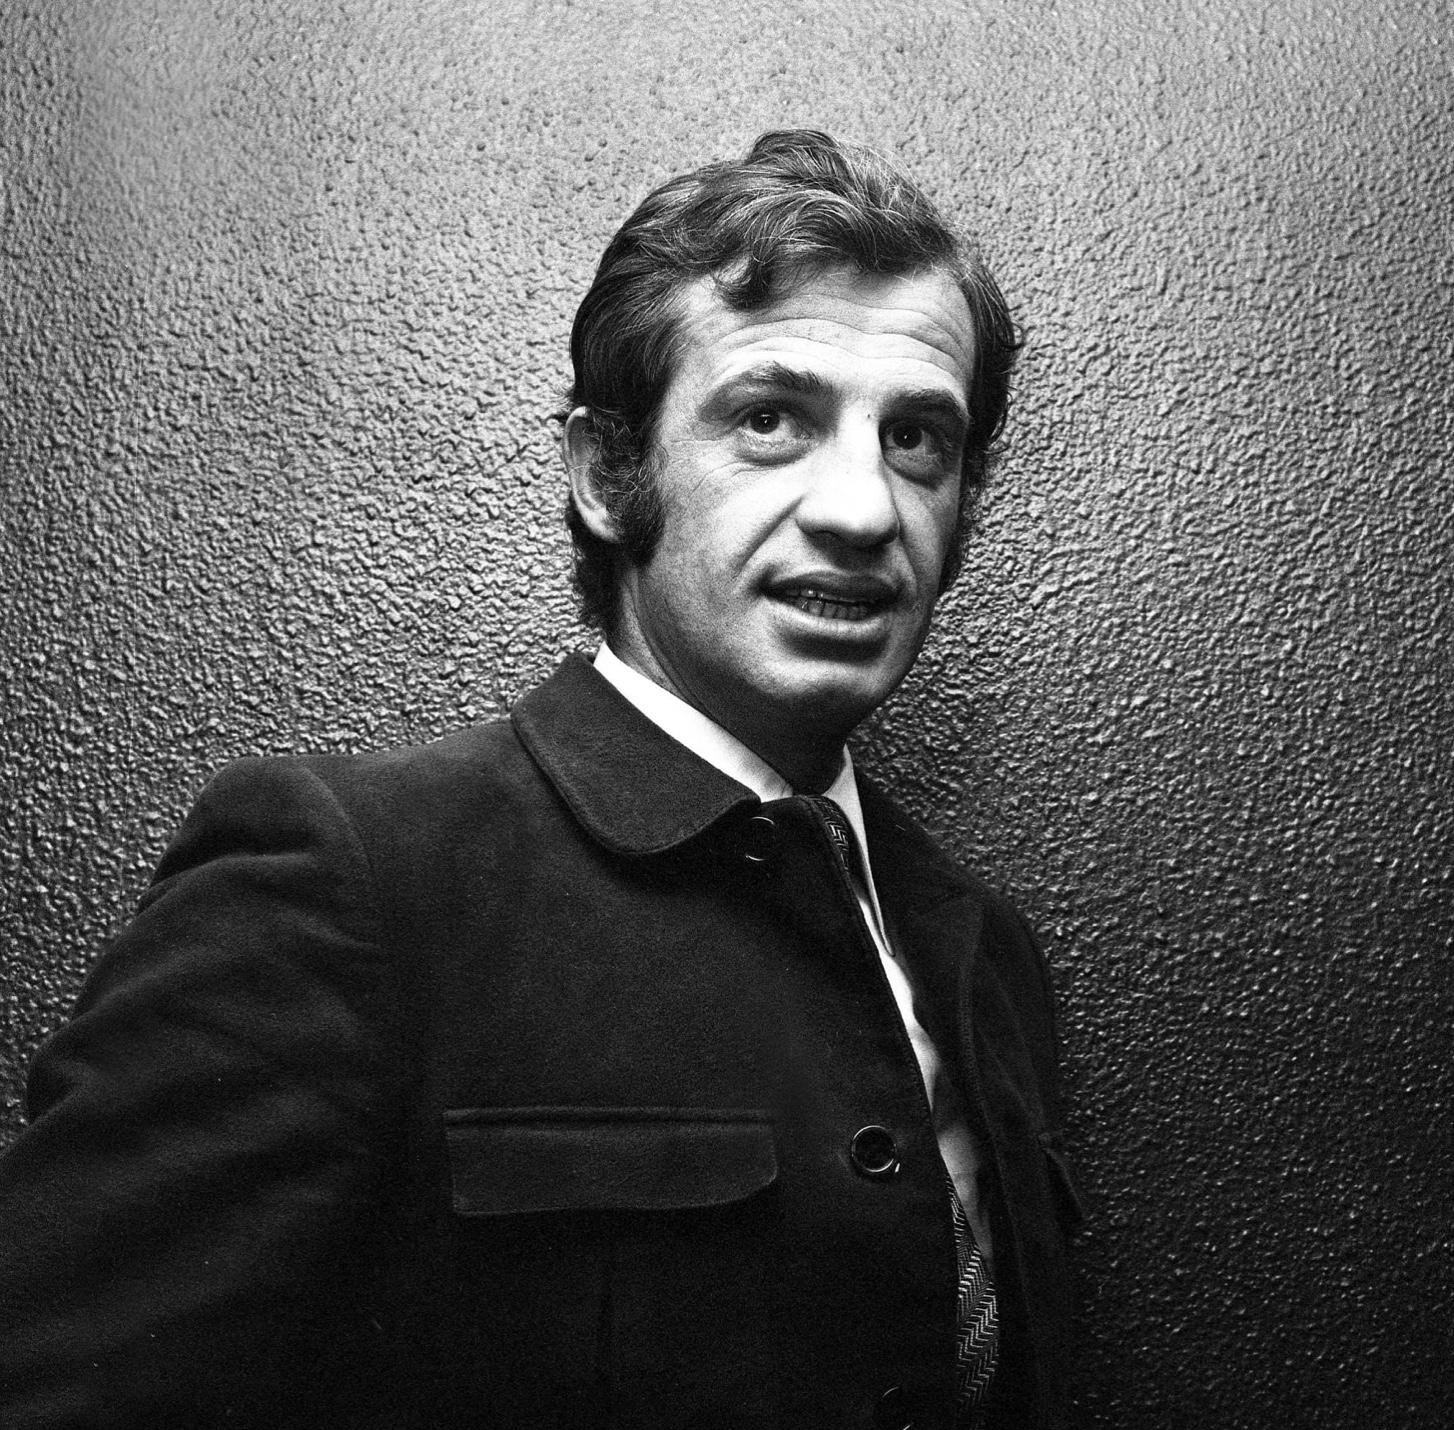 Jean-paul-belmondo-1971